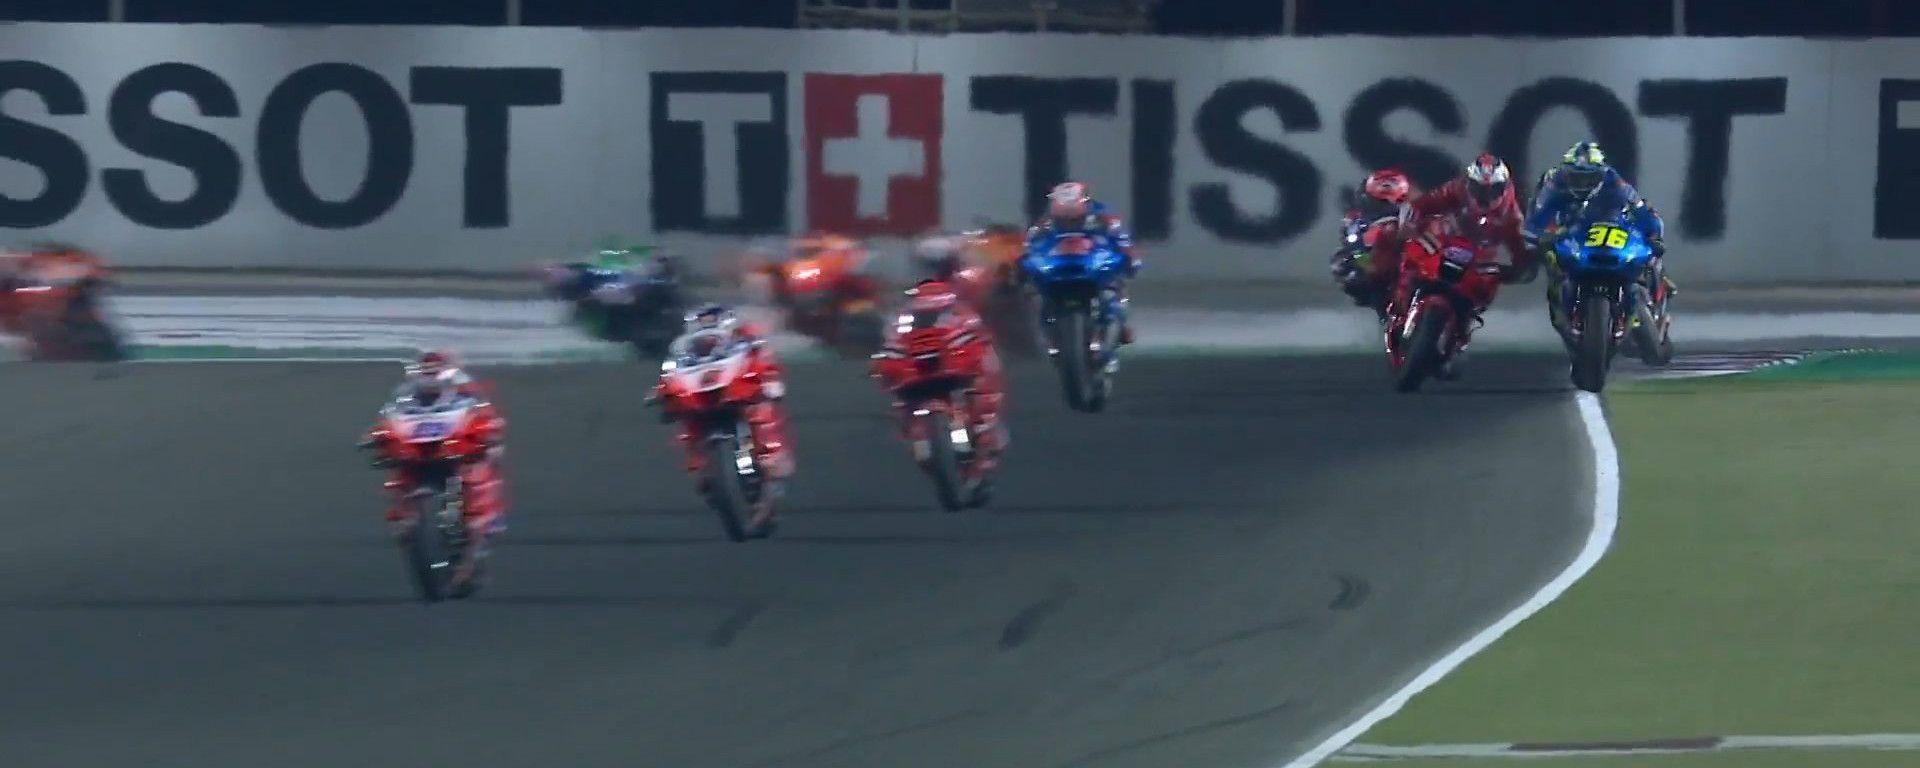 Che botte tra Mir e Miller nel GP di Doha: i due si accusano